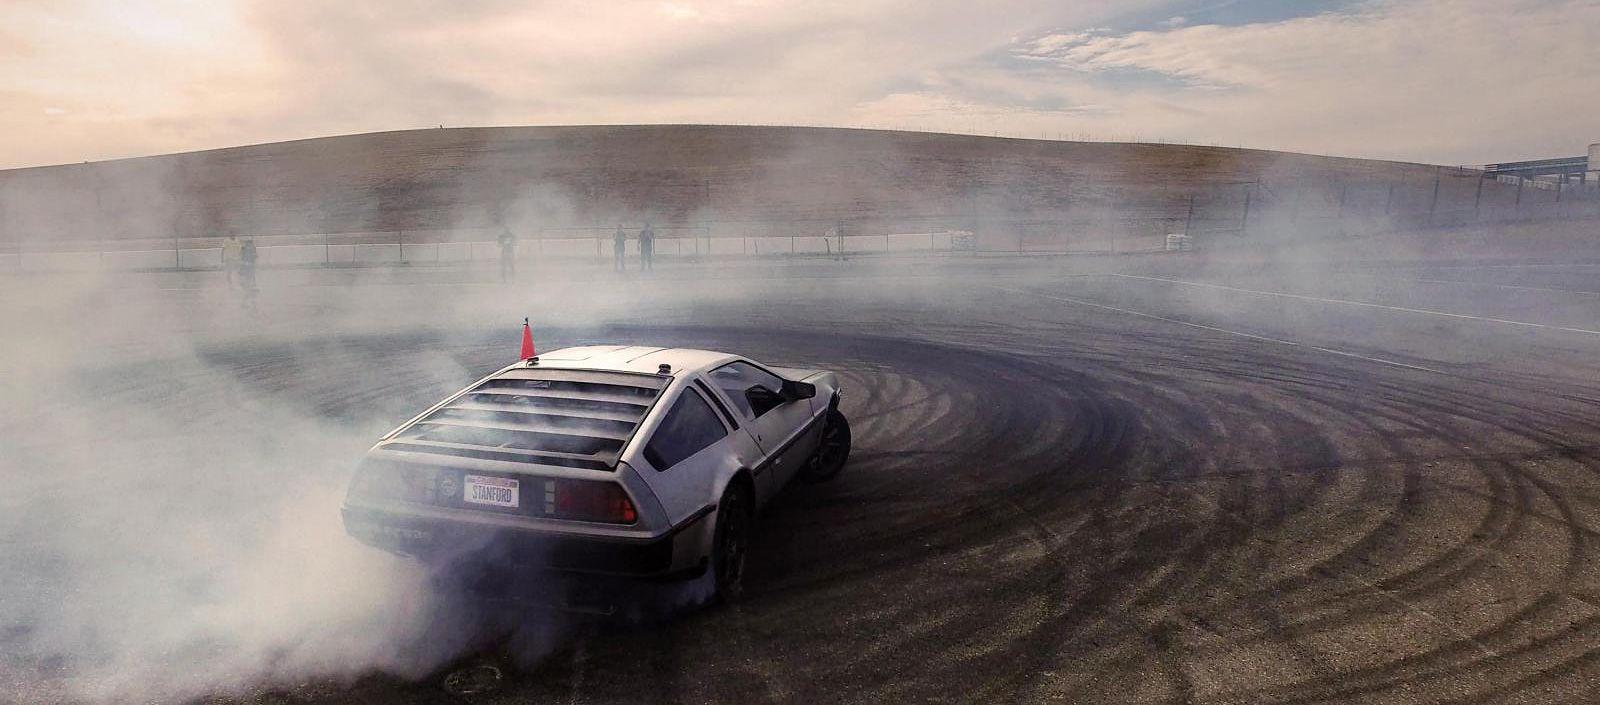 Дали има возач во автомобилот? Aвтономeн DeLorean дрифта на писта